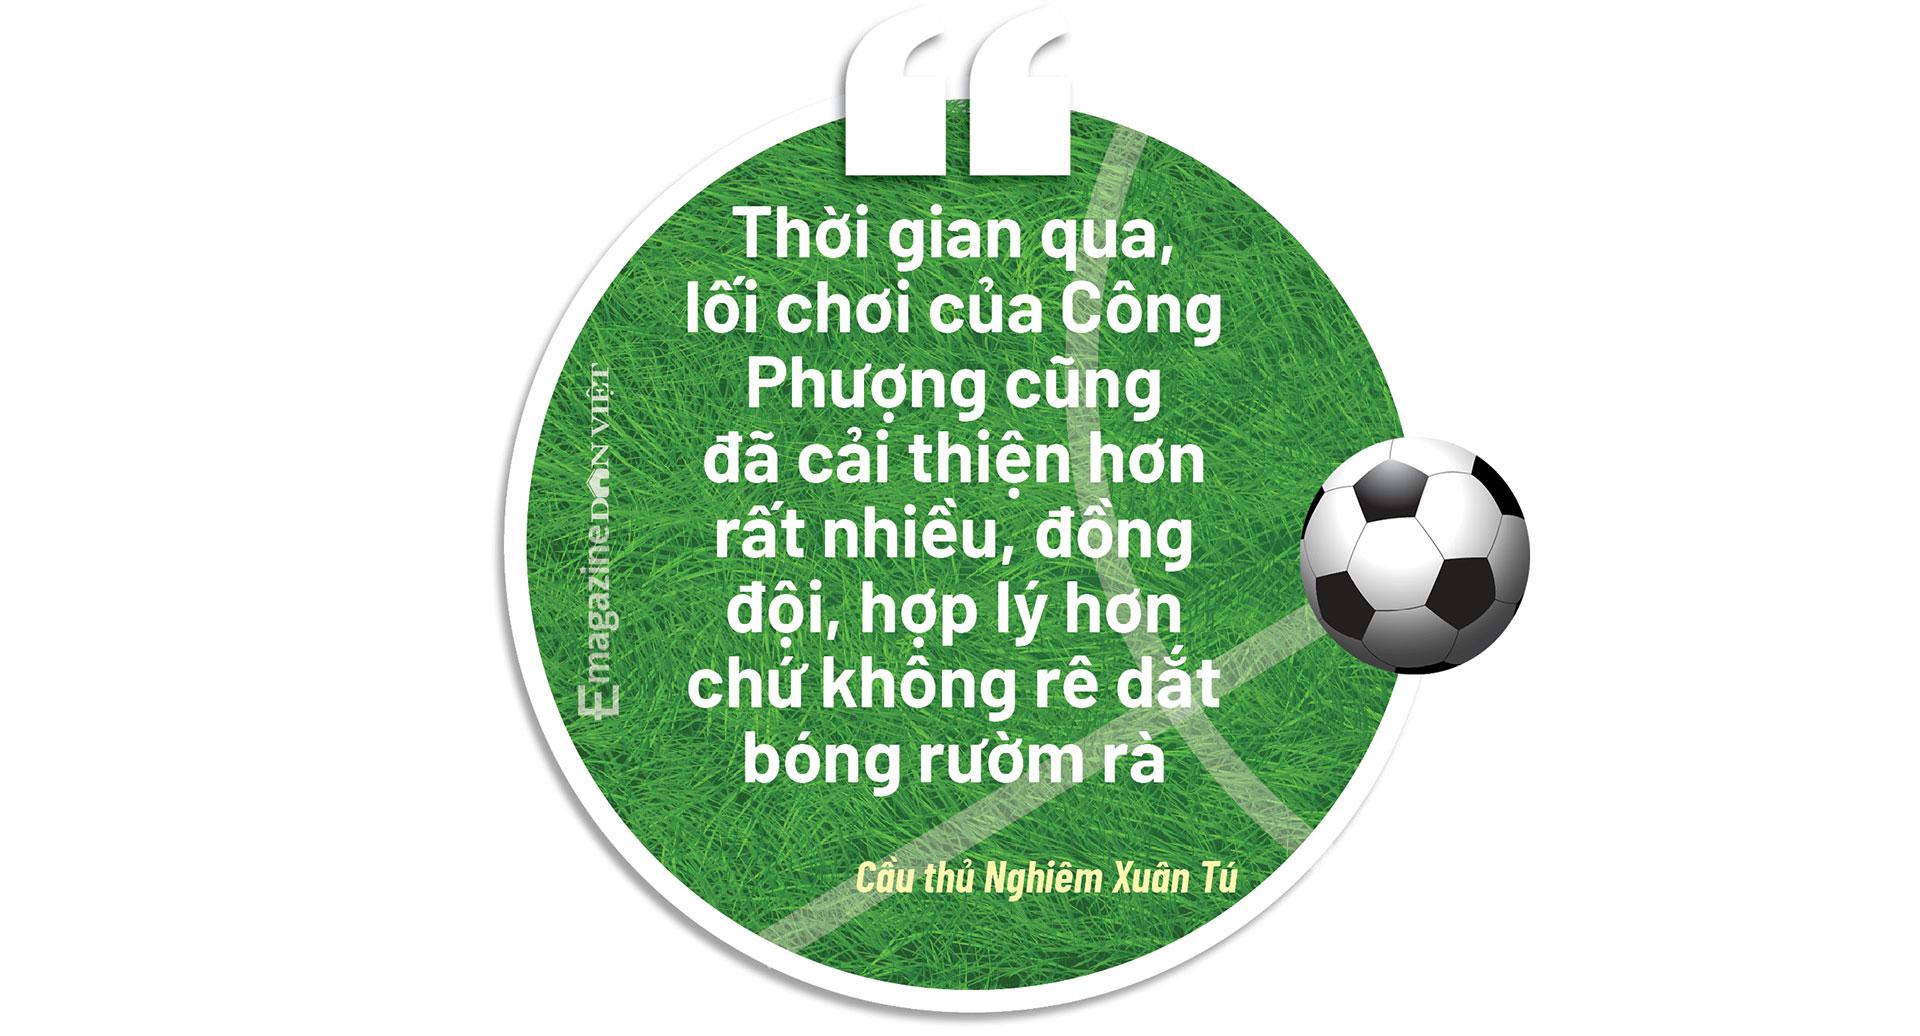 """""""Chiến binh"""" Than Quảng Ninh Nghiêm Xuân Tú: Lên đội tuyển quốc gia không phải đích đến duy nhất  - Ảnh 6."""